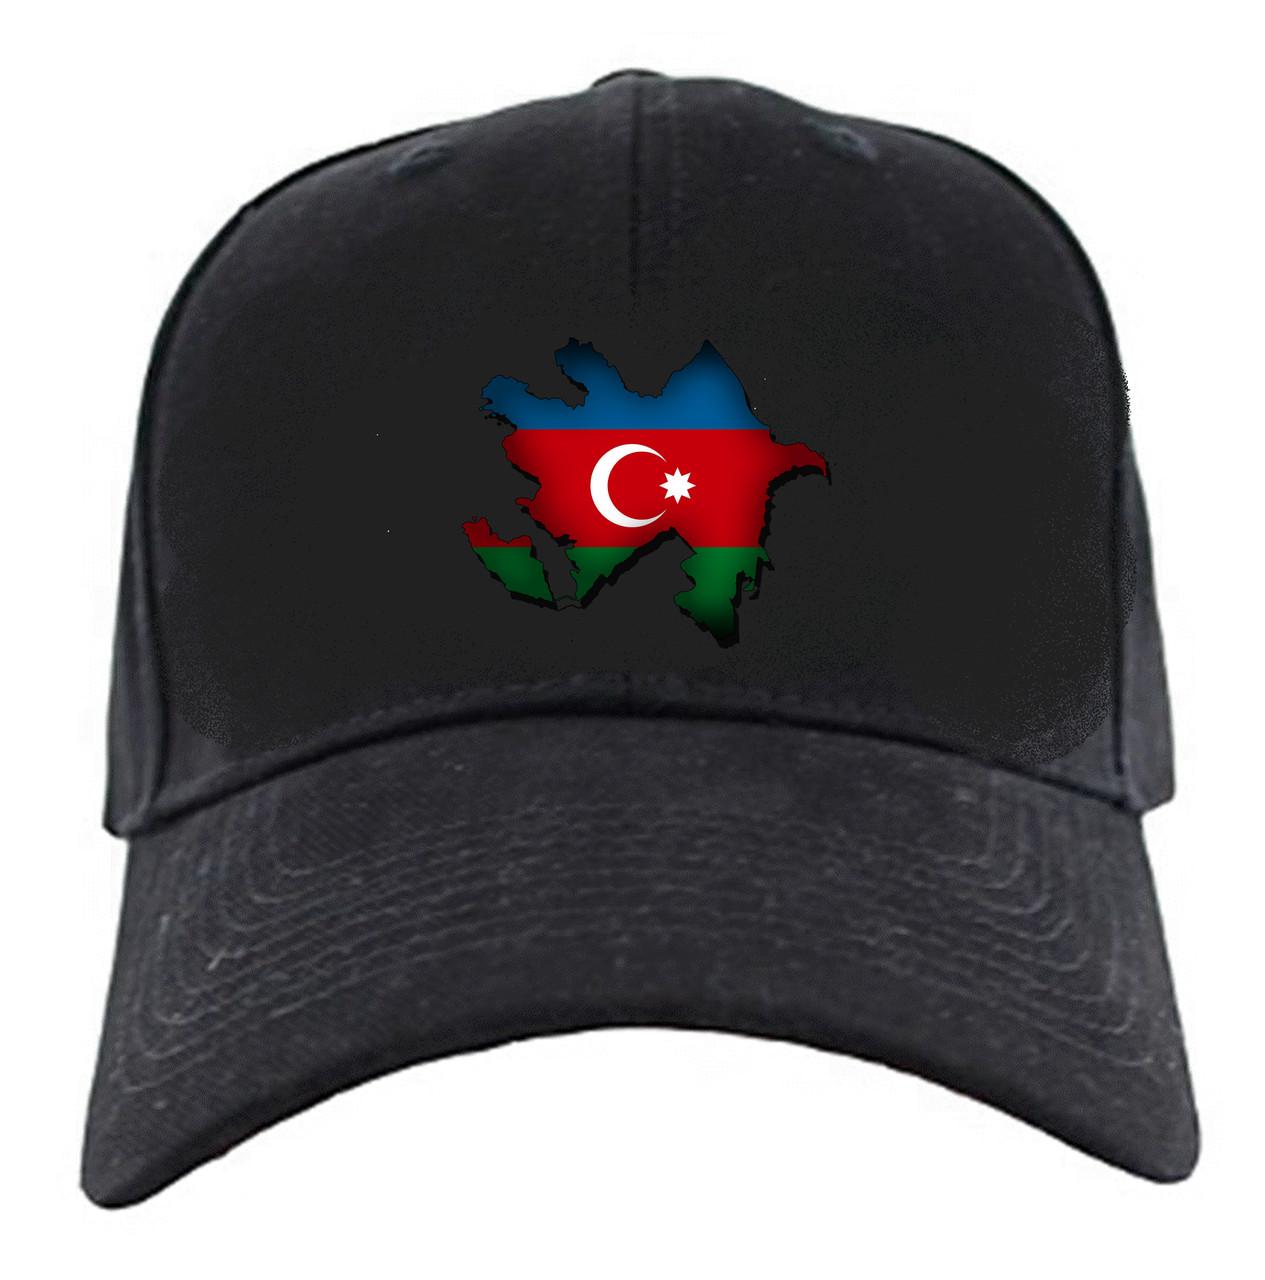 Бейсболка  Флаг Азербайджана